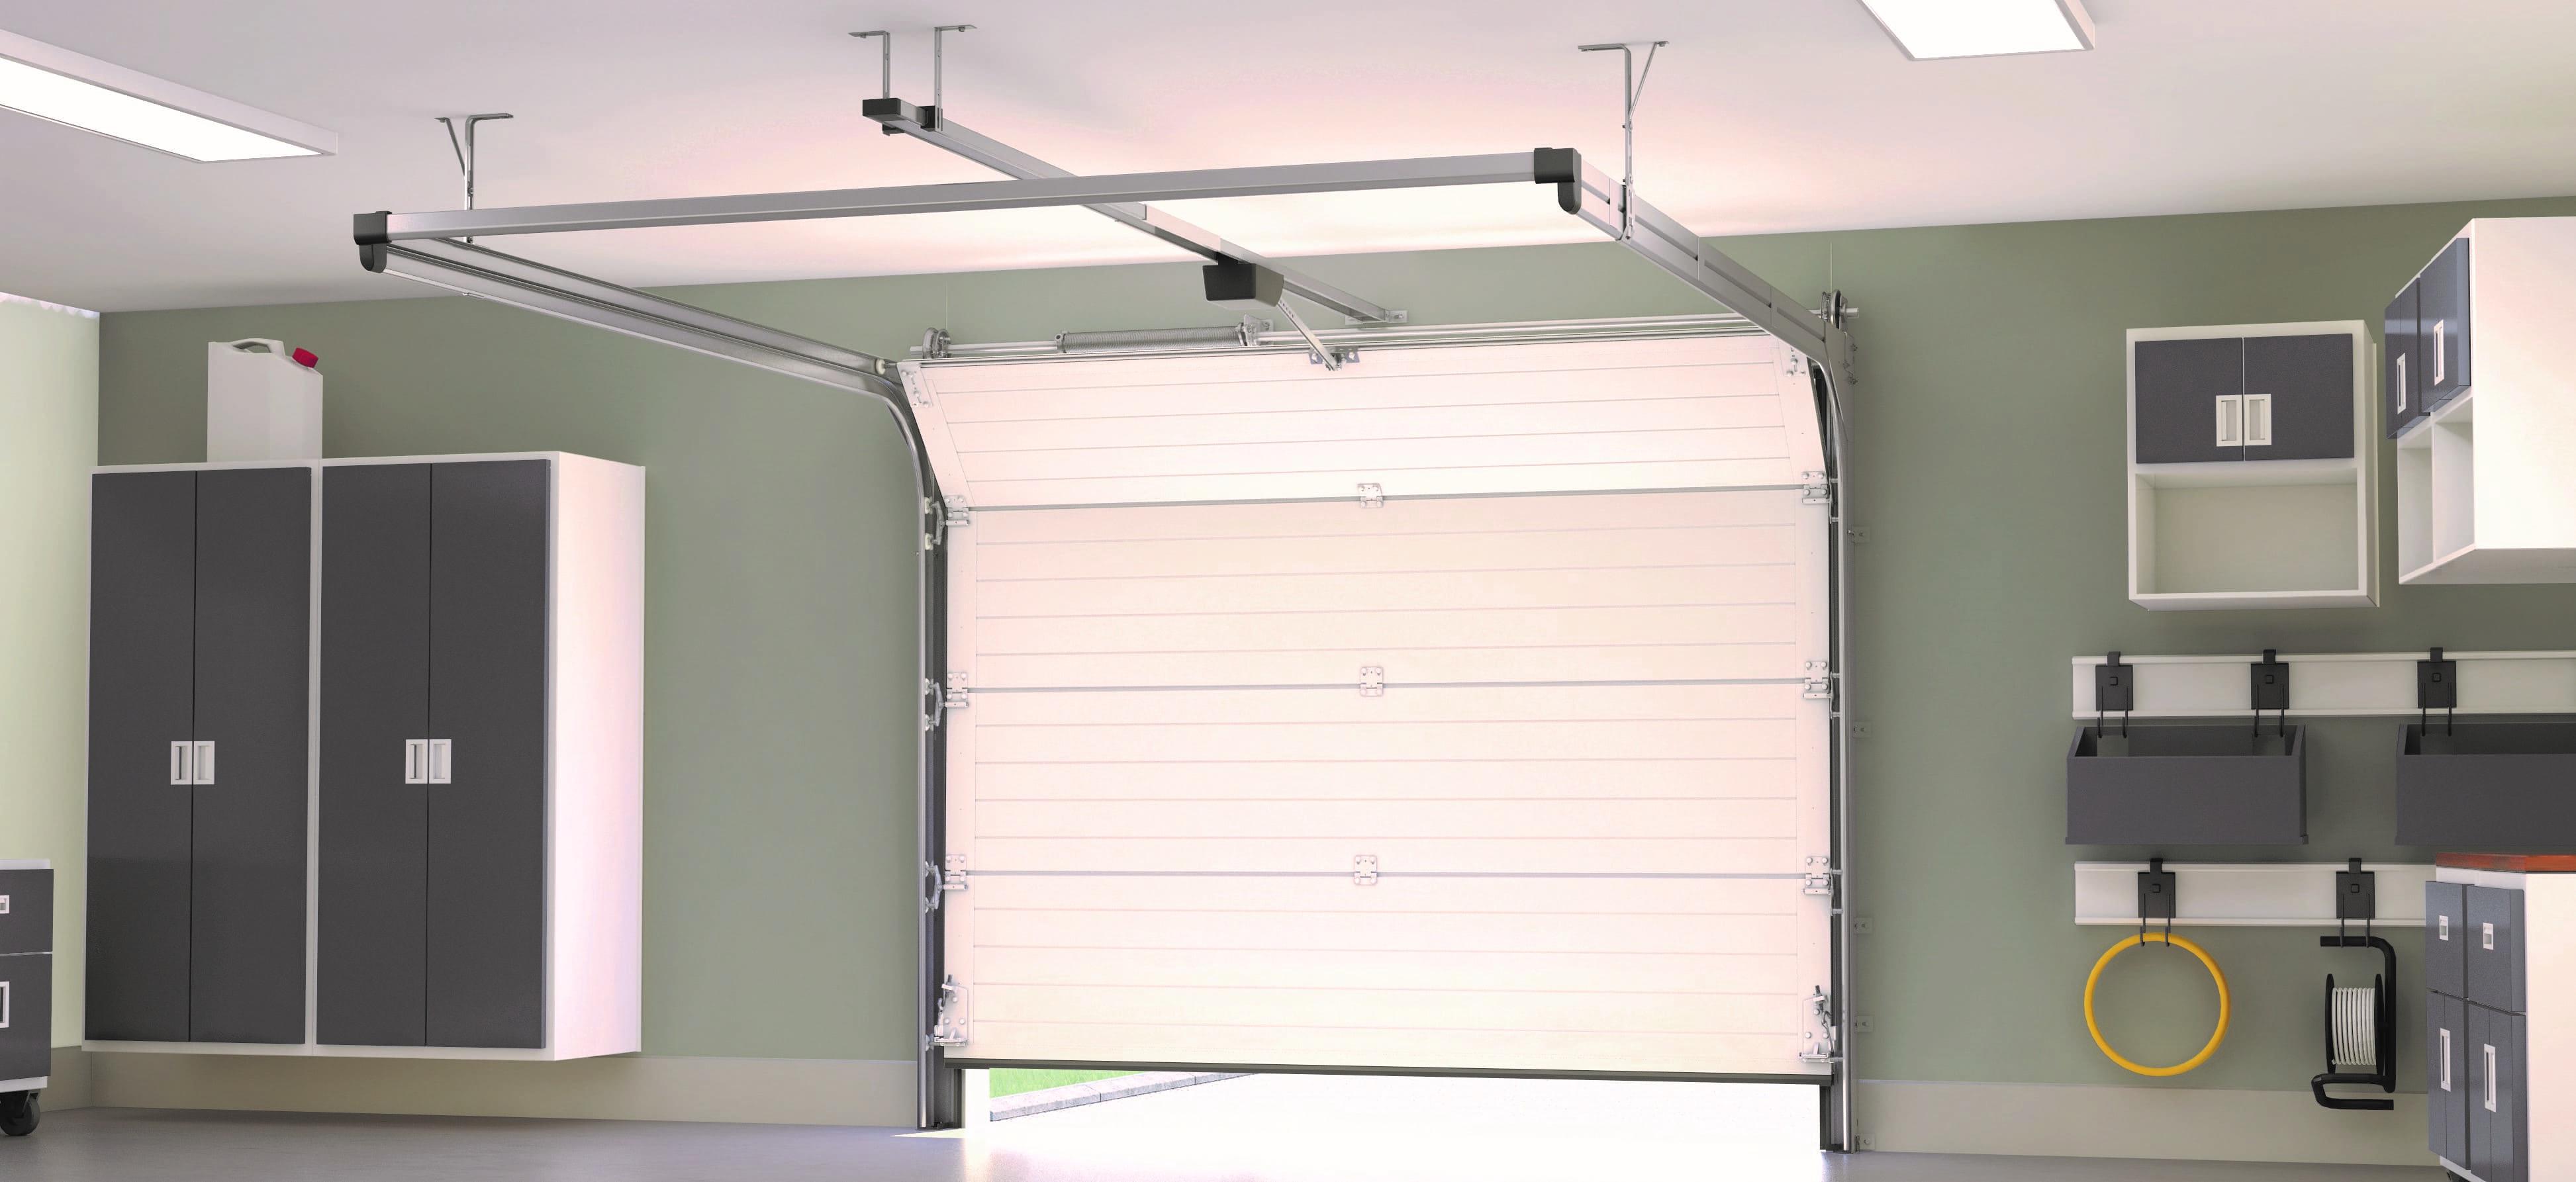 Porte de garage sectionnelle plafond MIAMI France Fermeture_Vue intérieure